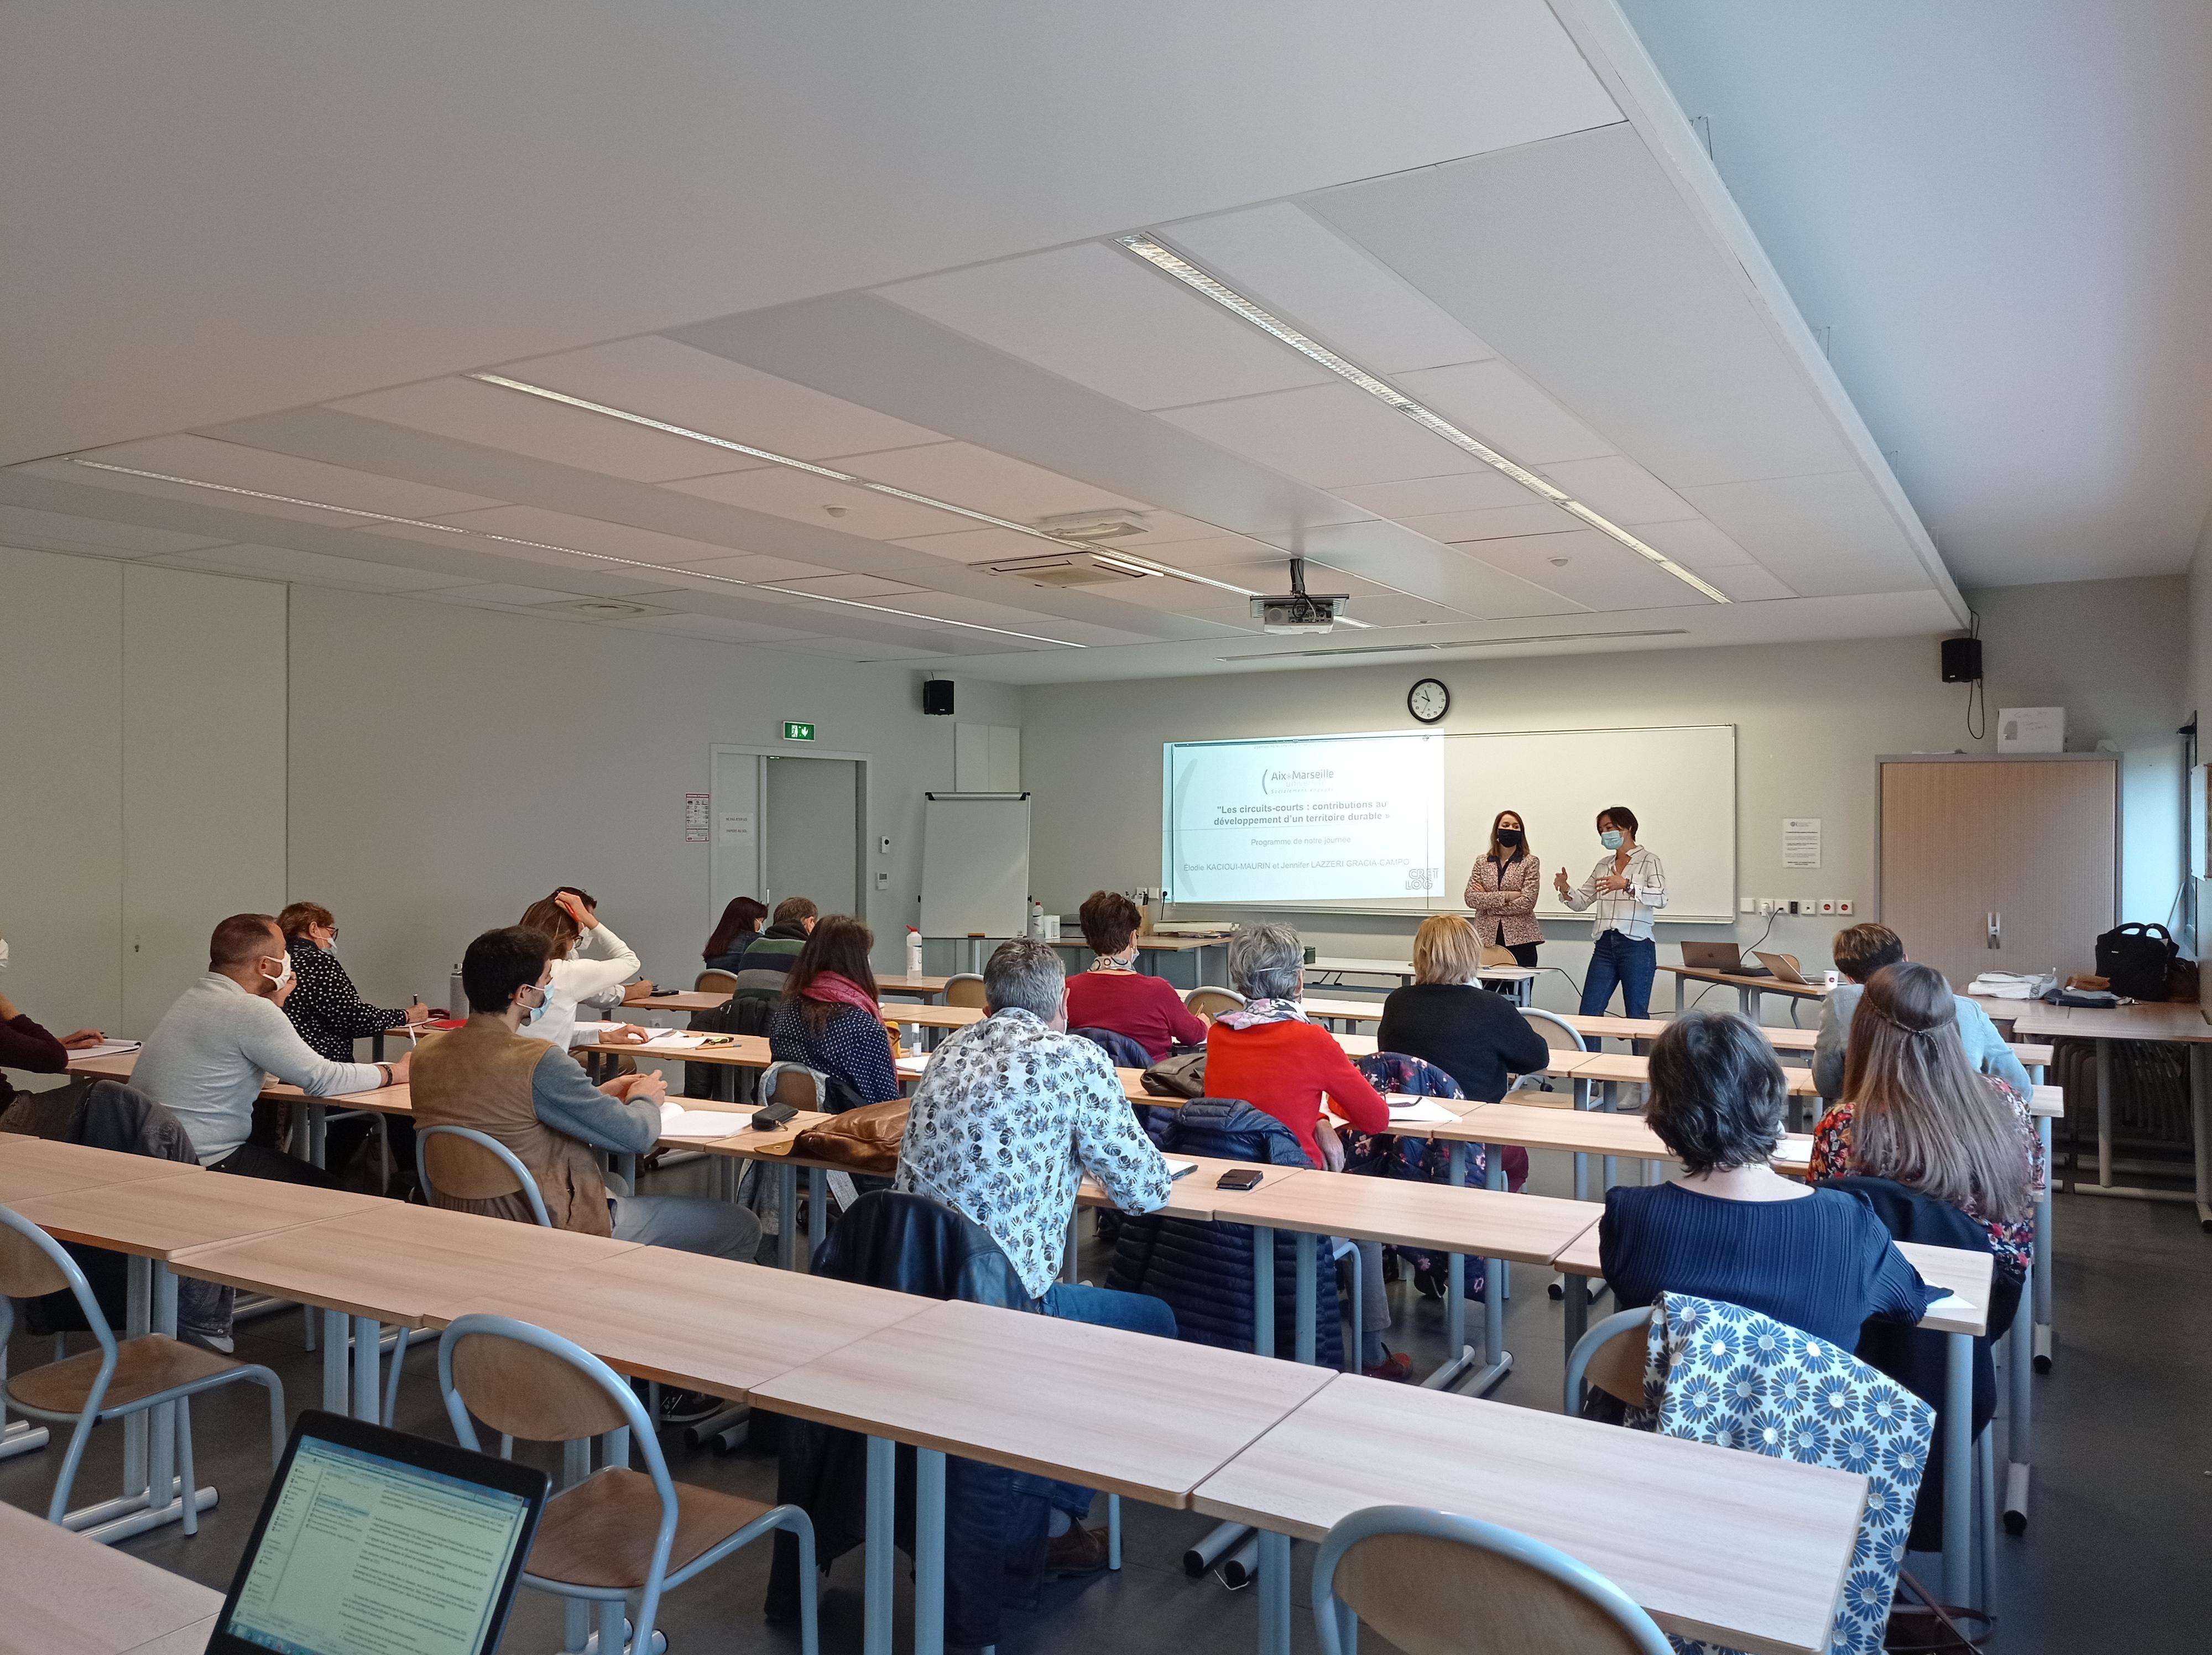 Rencontre Enseignant Chercheur Aix Marseille 2013